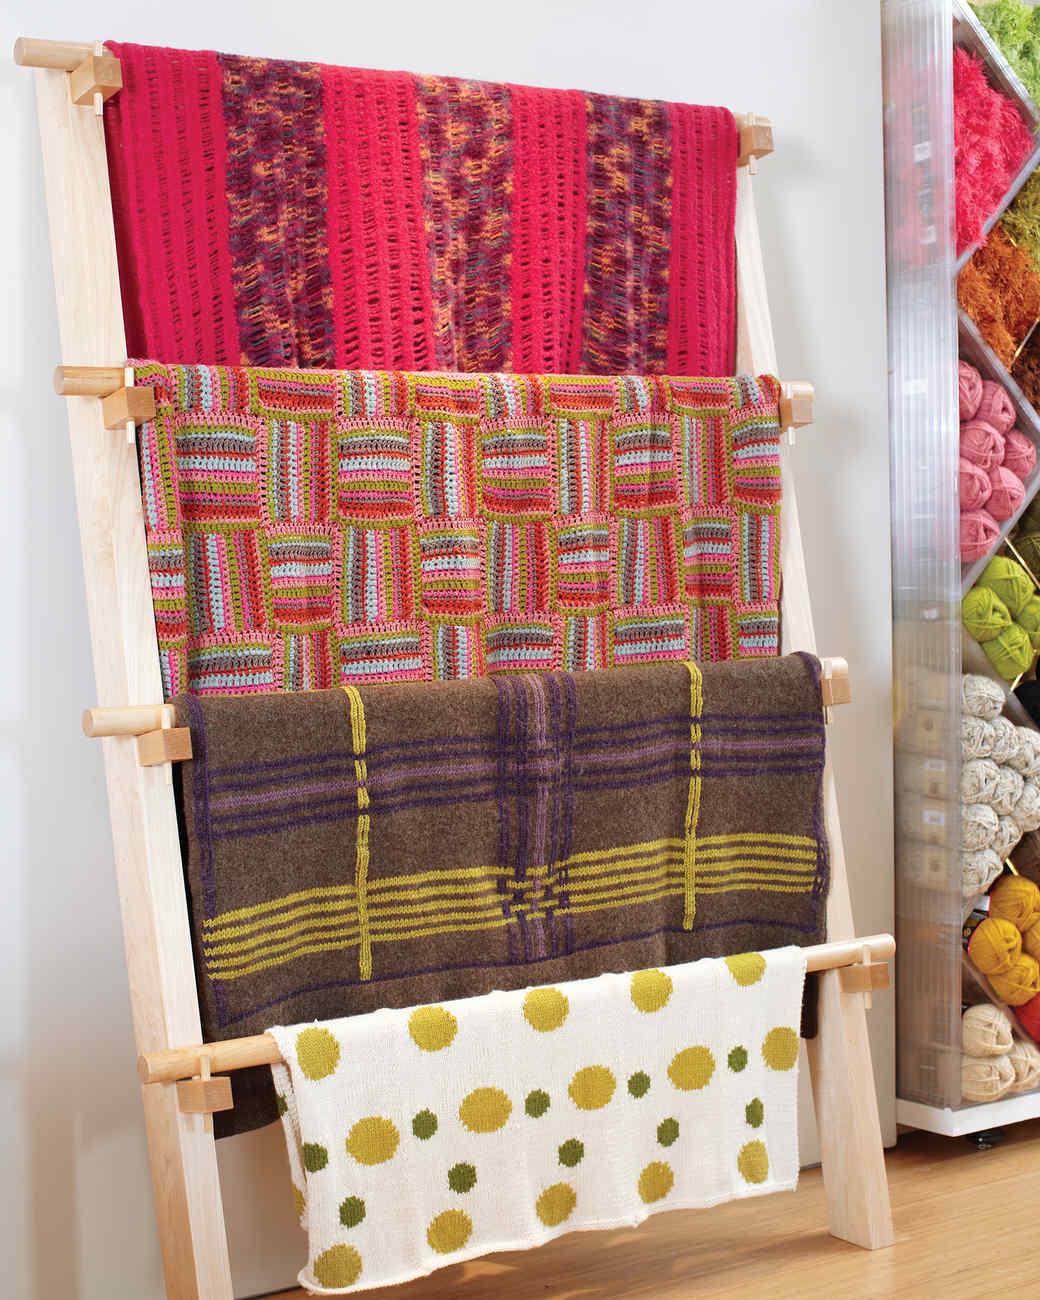 mld105415_0110_quilts_yarn.jpg